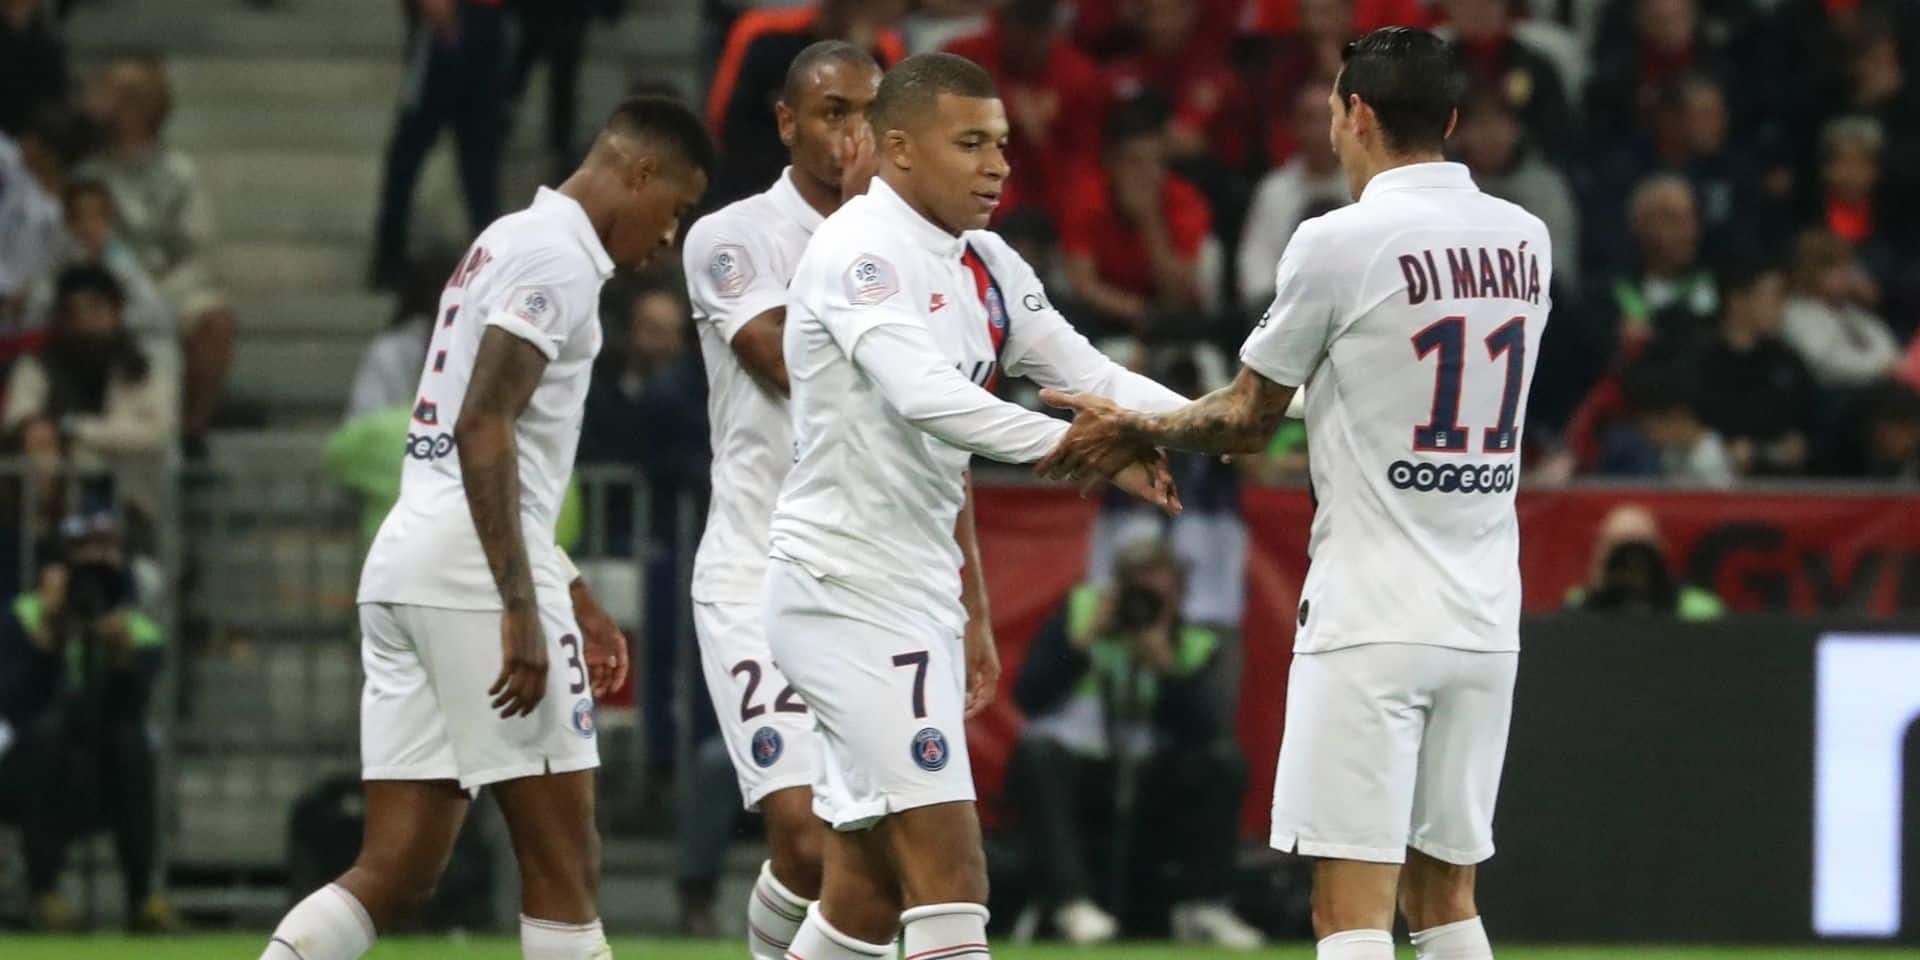 Le PSG se paye Nice (1-4) avant d'affronter Bruges en Ligue des Champions, Meunier à l'assist